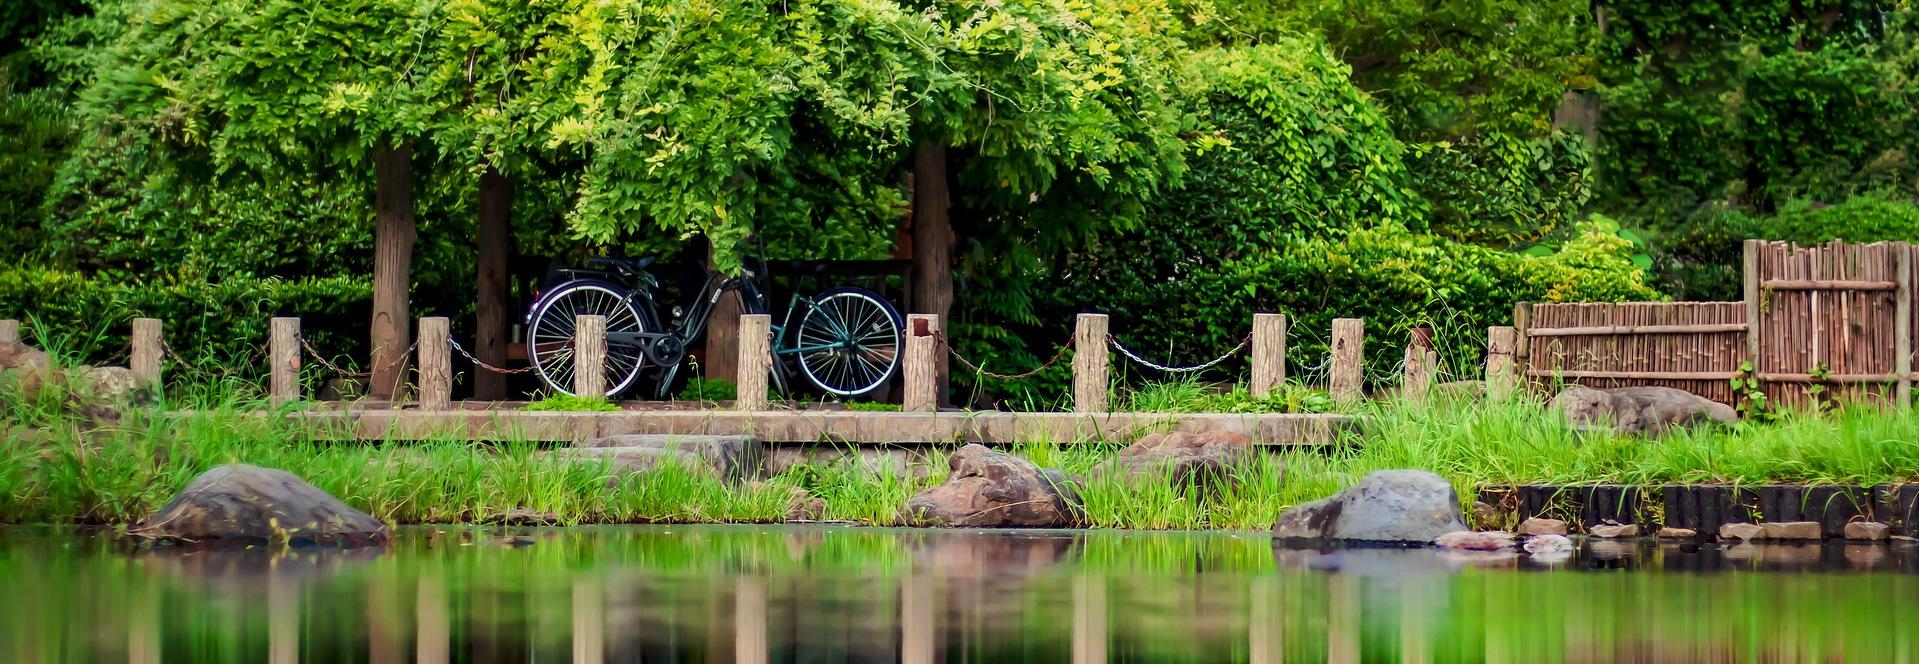 Grundkurs paketering cykelpaket swedenbybike